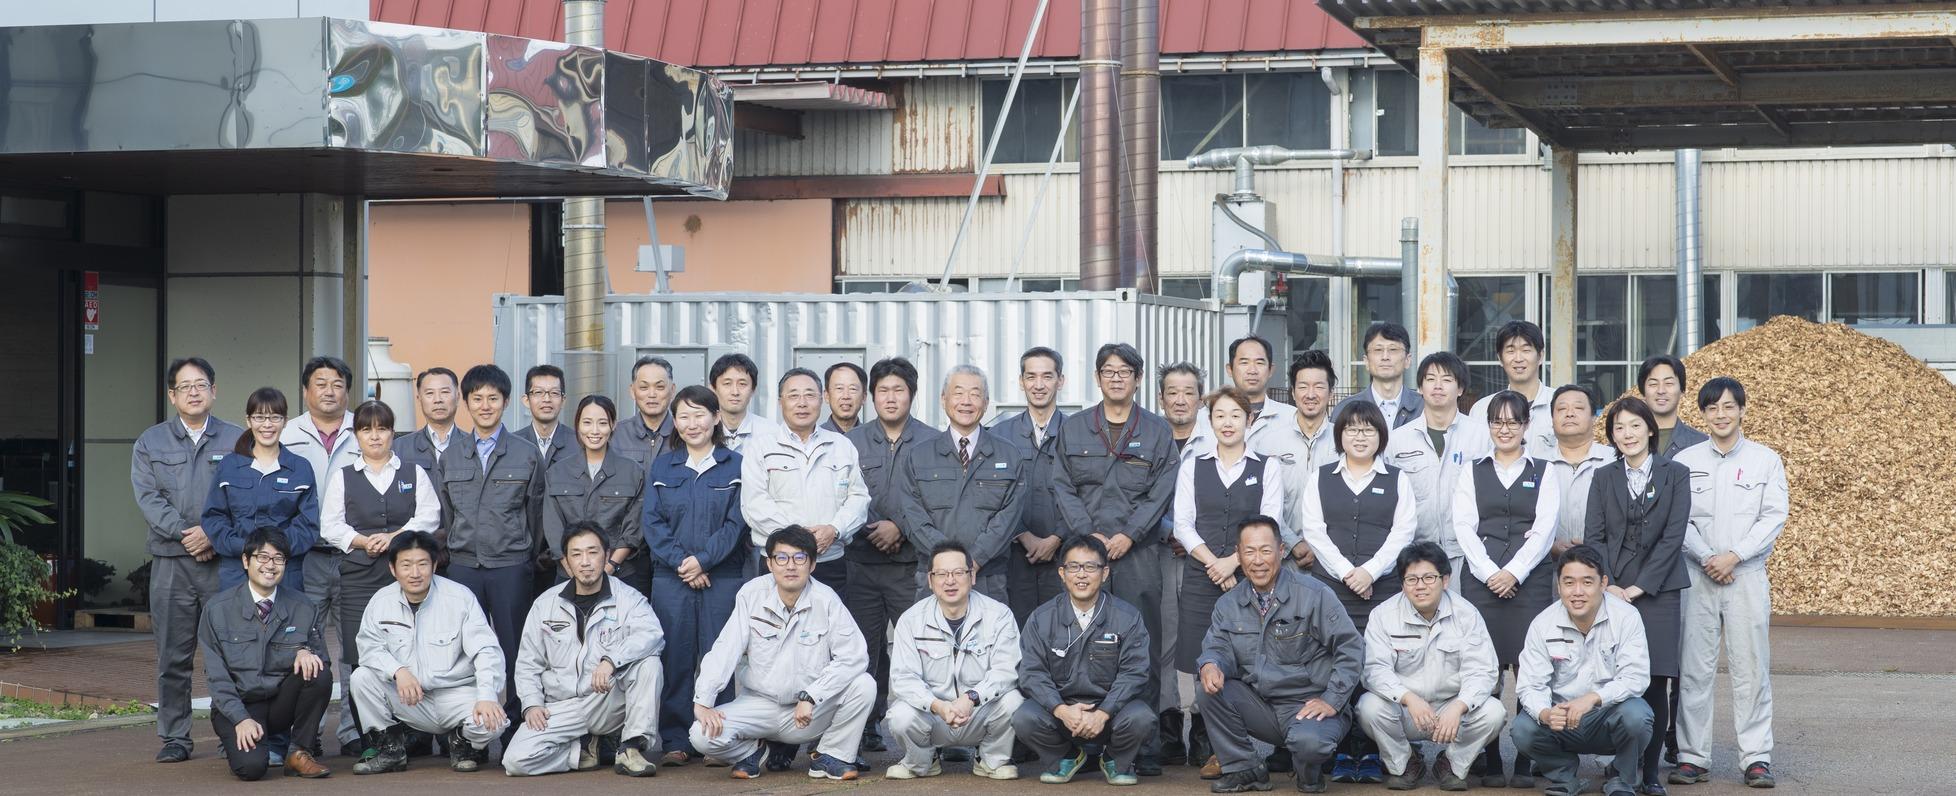 đơn hàng kỹ sư môi trường làm việc tại Osaka, Nhật Bản